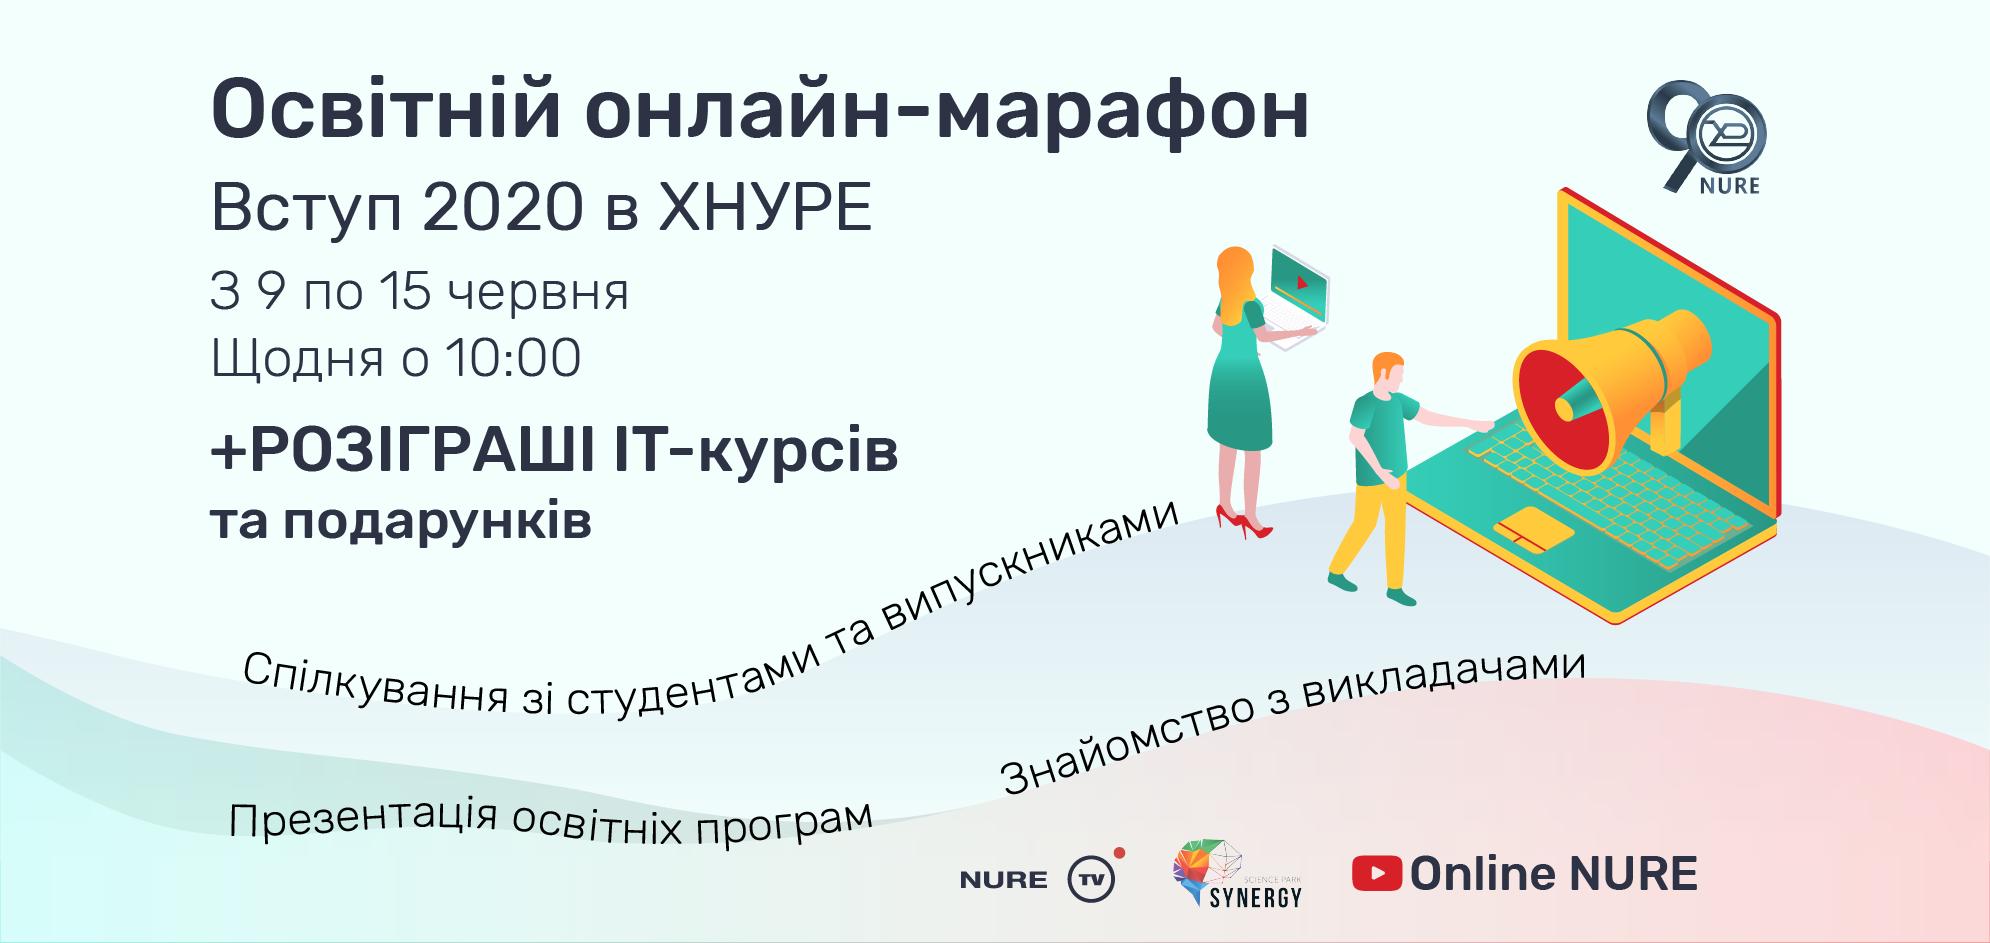 Освітній онлайн марафон «Вступ 2020 в ХНУРЕ»